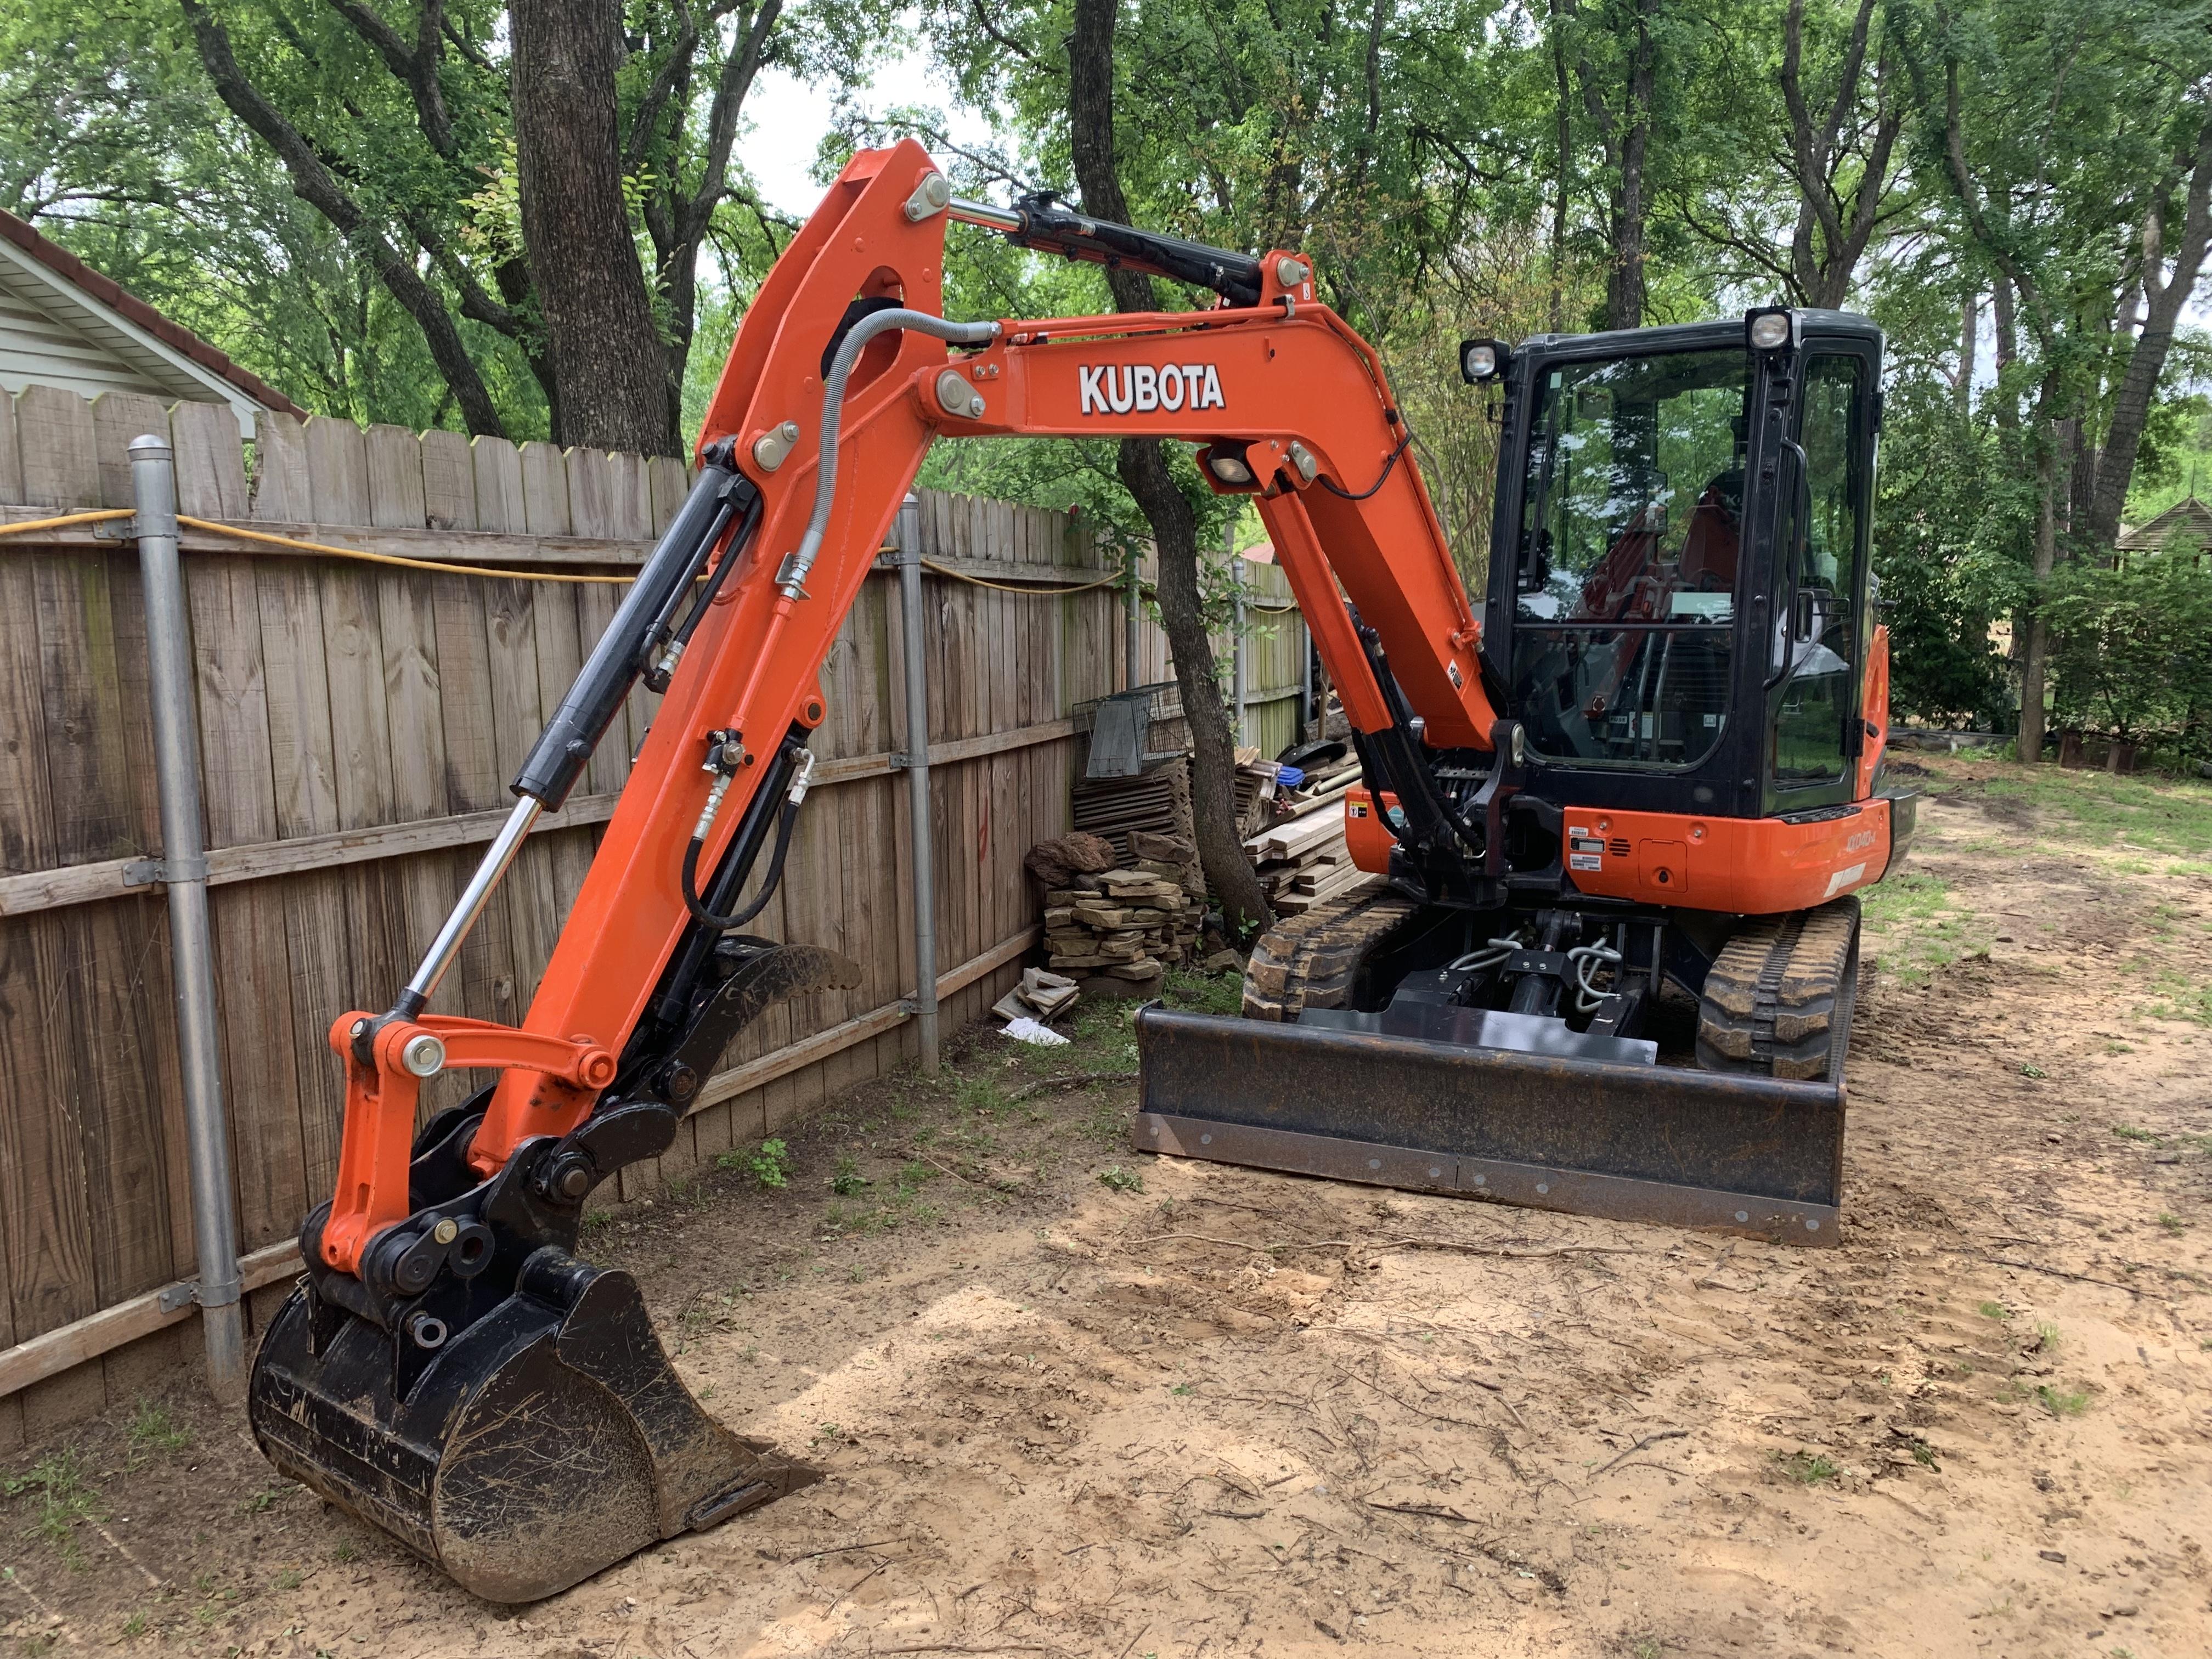 2018 Kubota KX040-4 Excavators and Mini Excavator